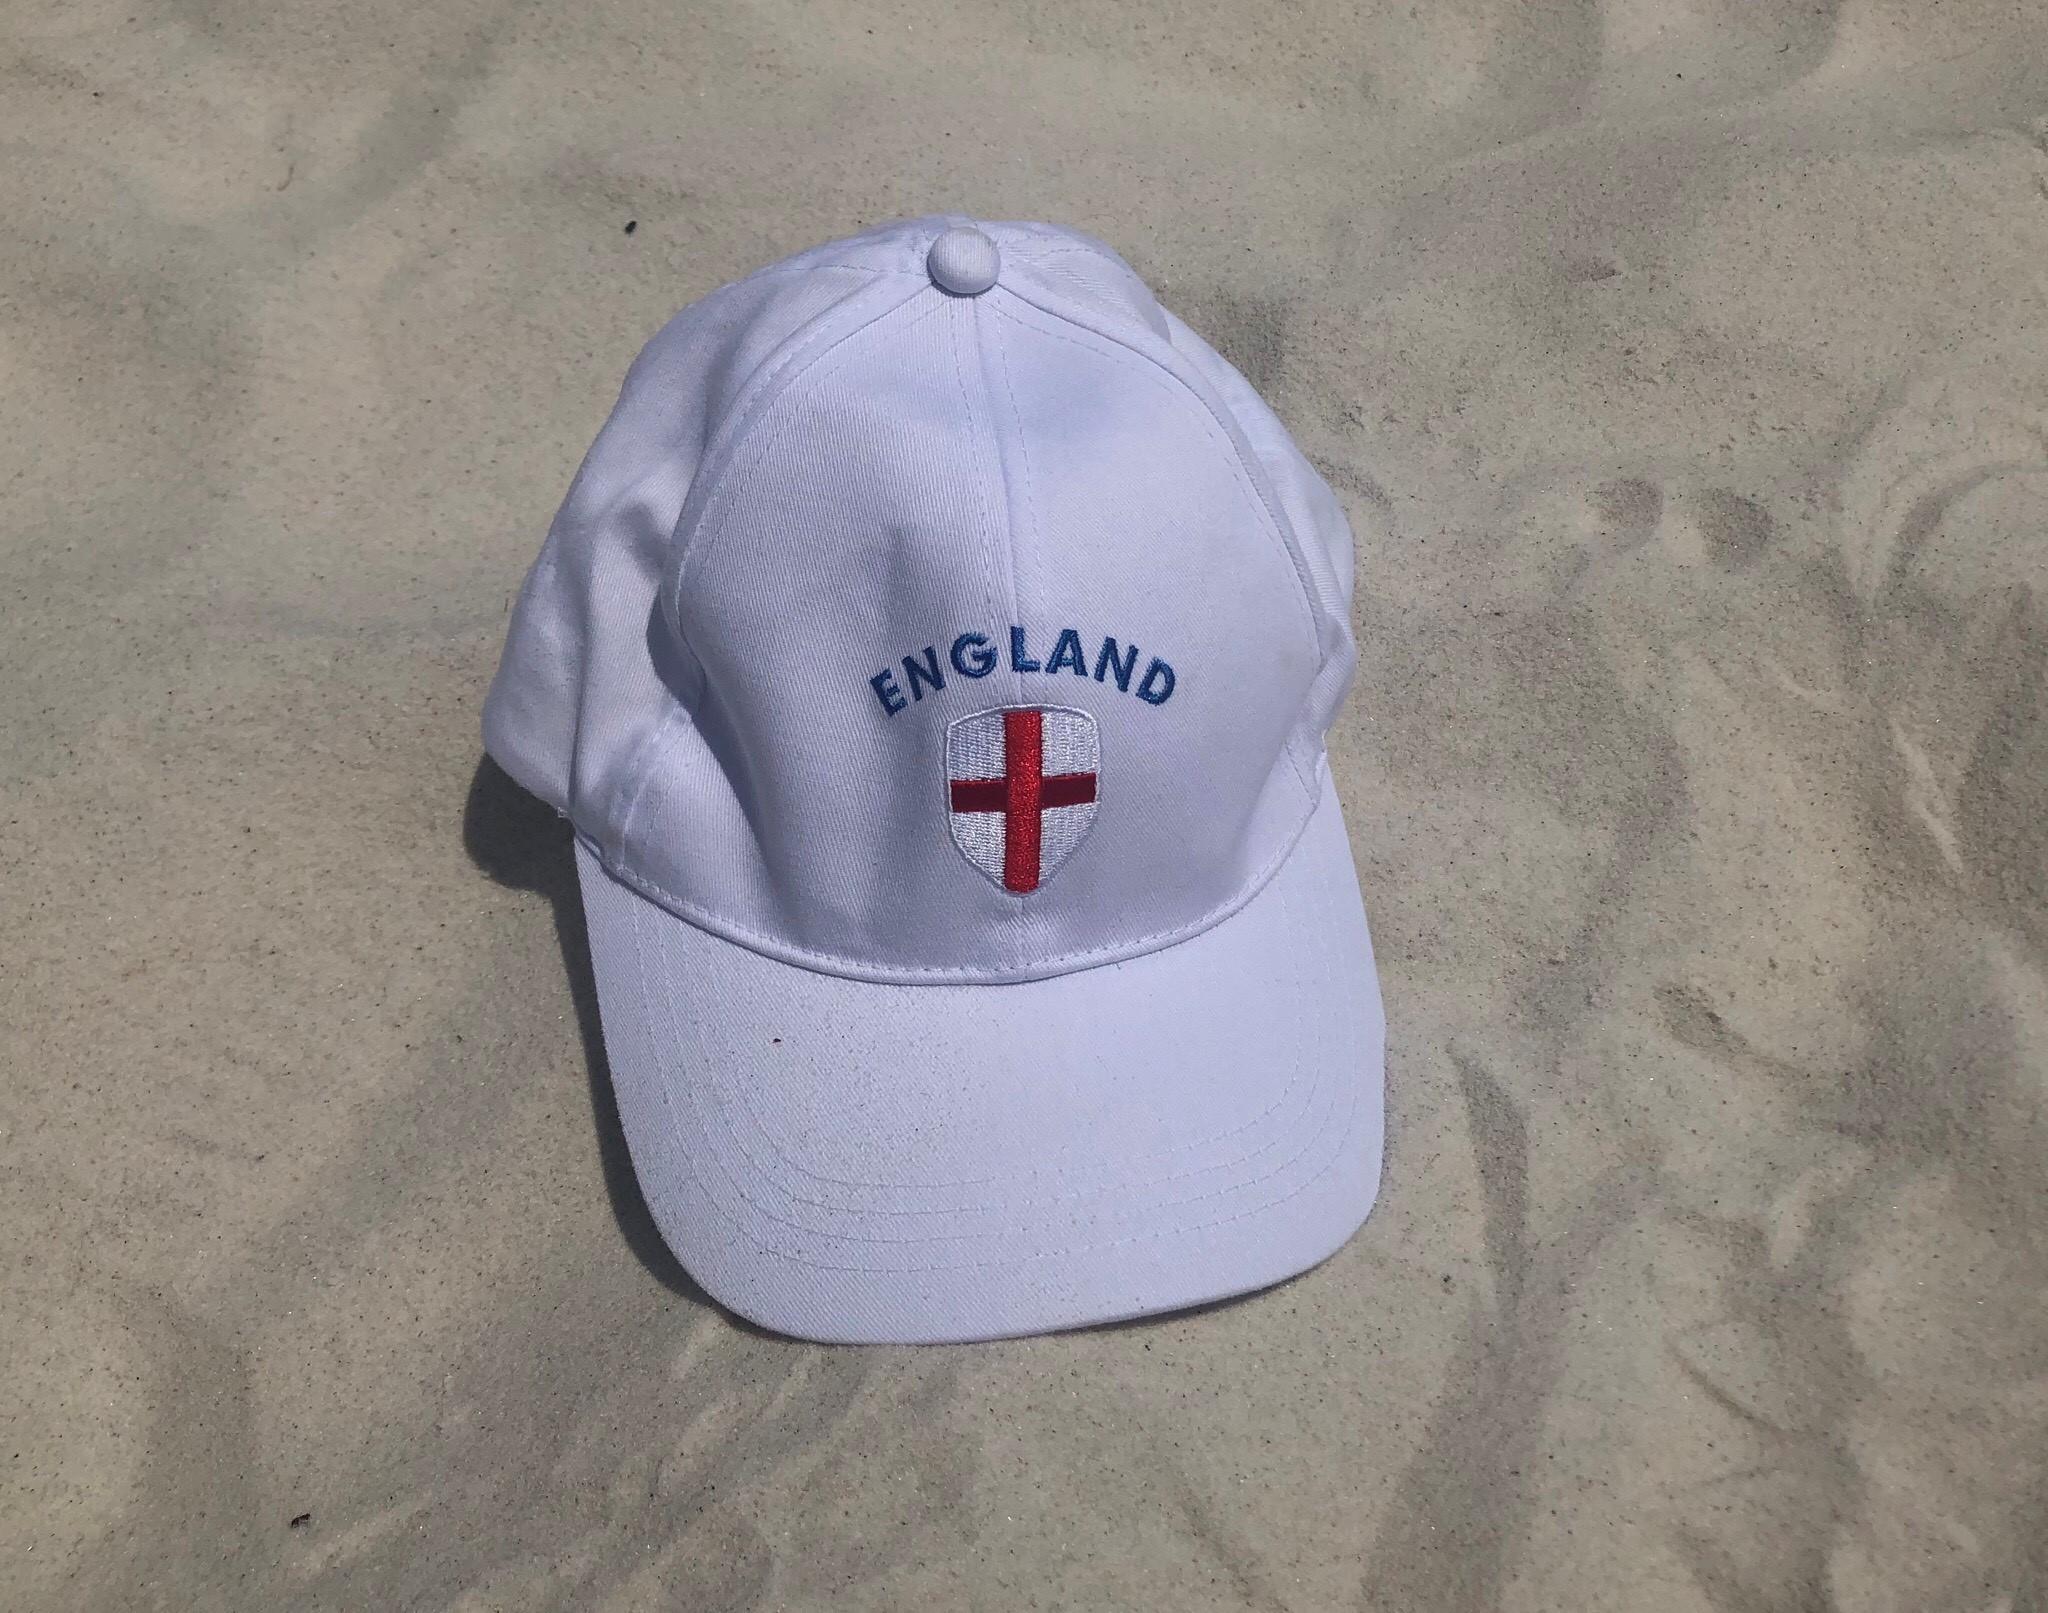 fl england hat.jpg